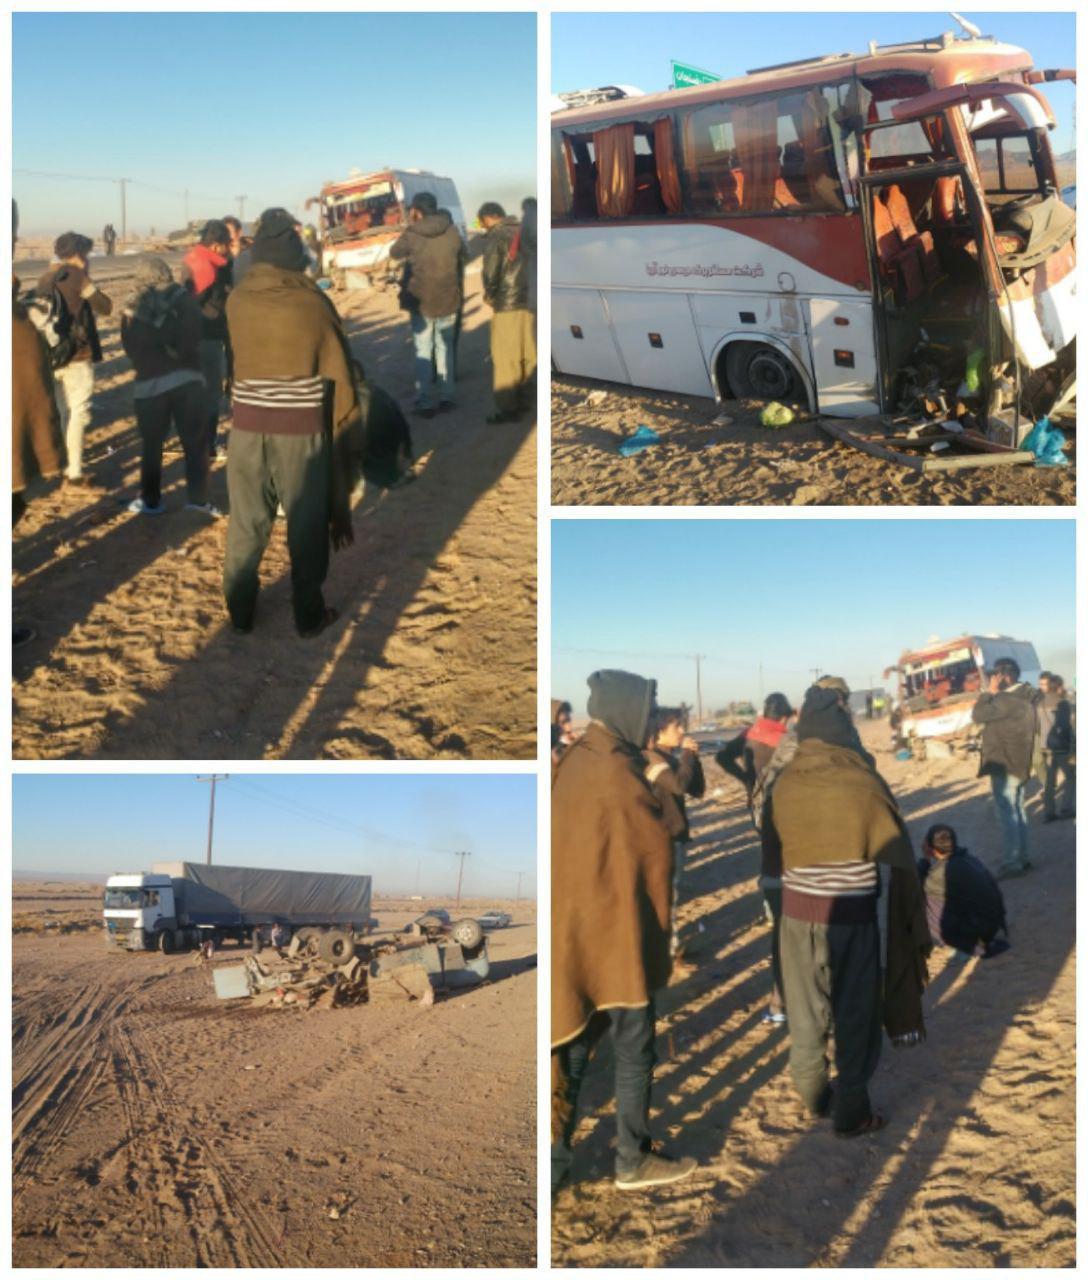 تصادف اتوبوس و مینی بوس در جاده رفسنجان / 53 نفر مصدوم شدند (عکس)